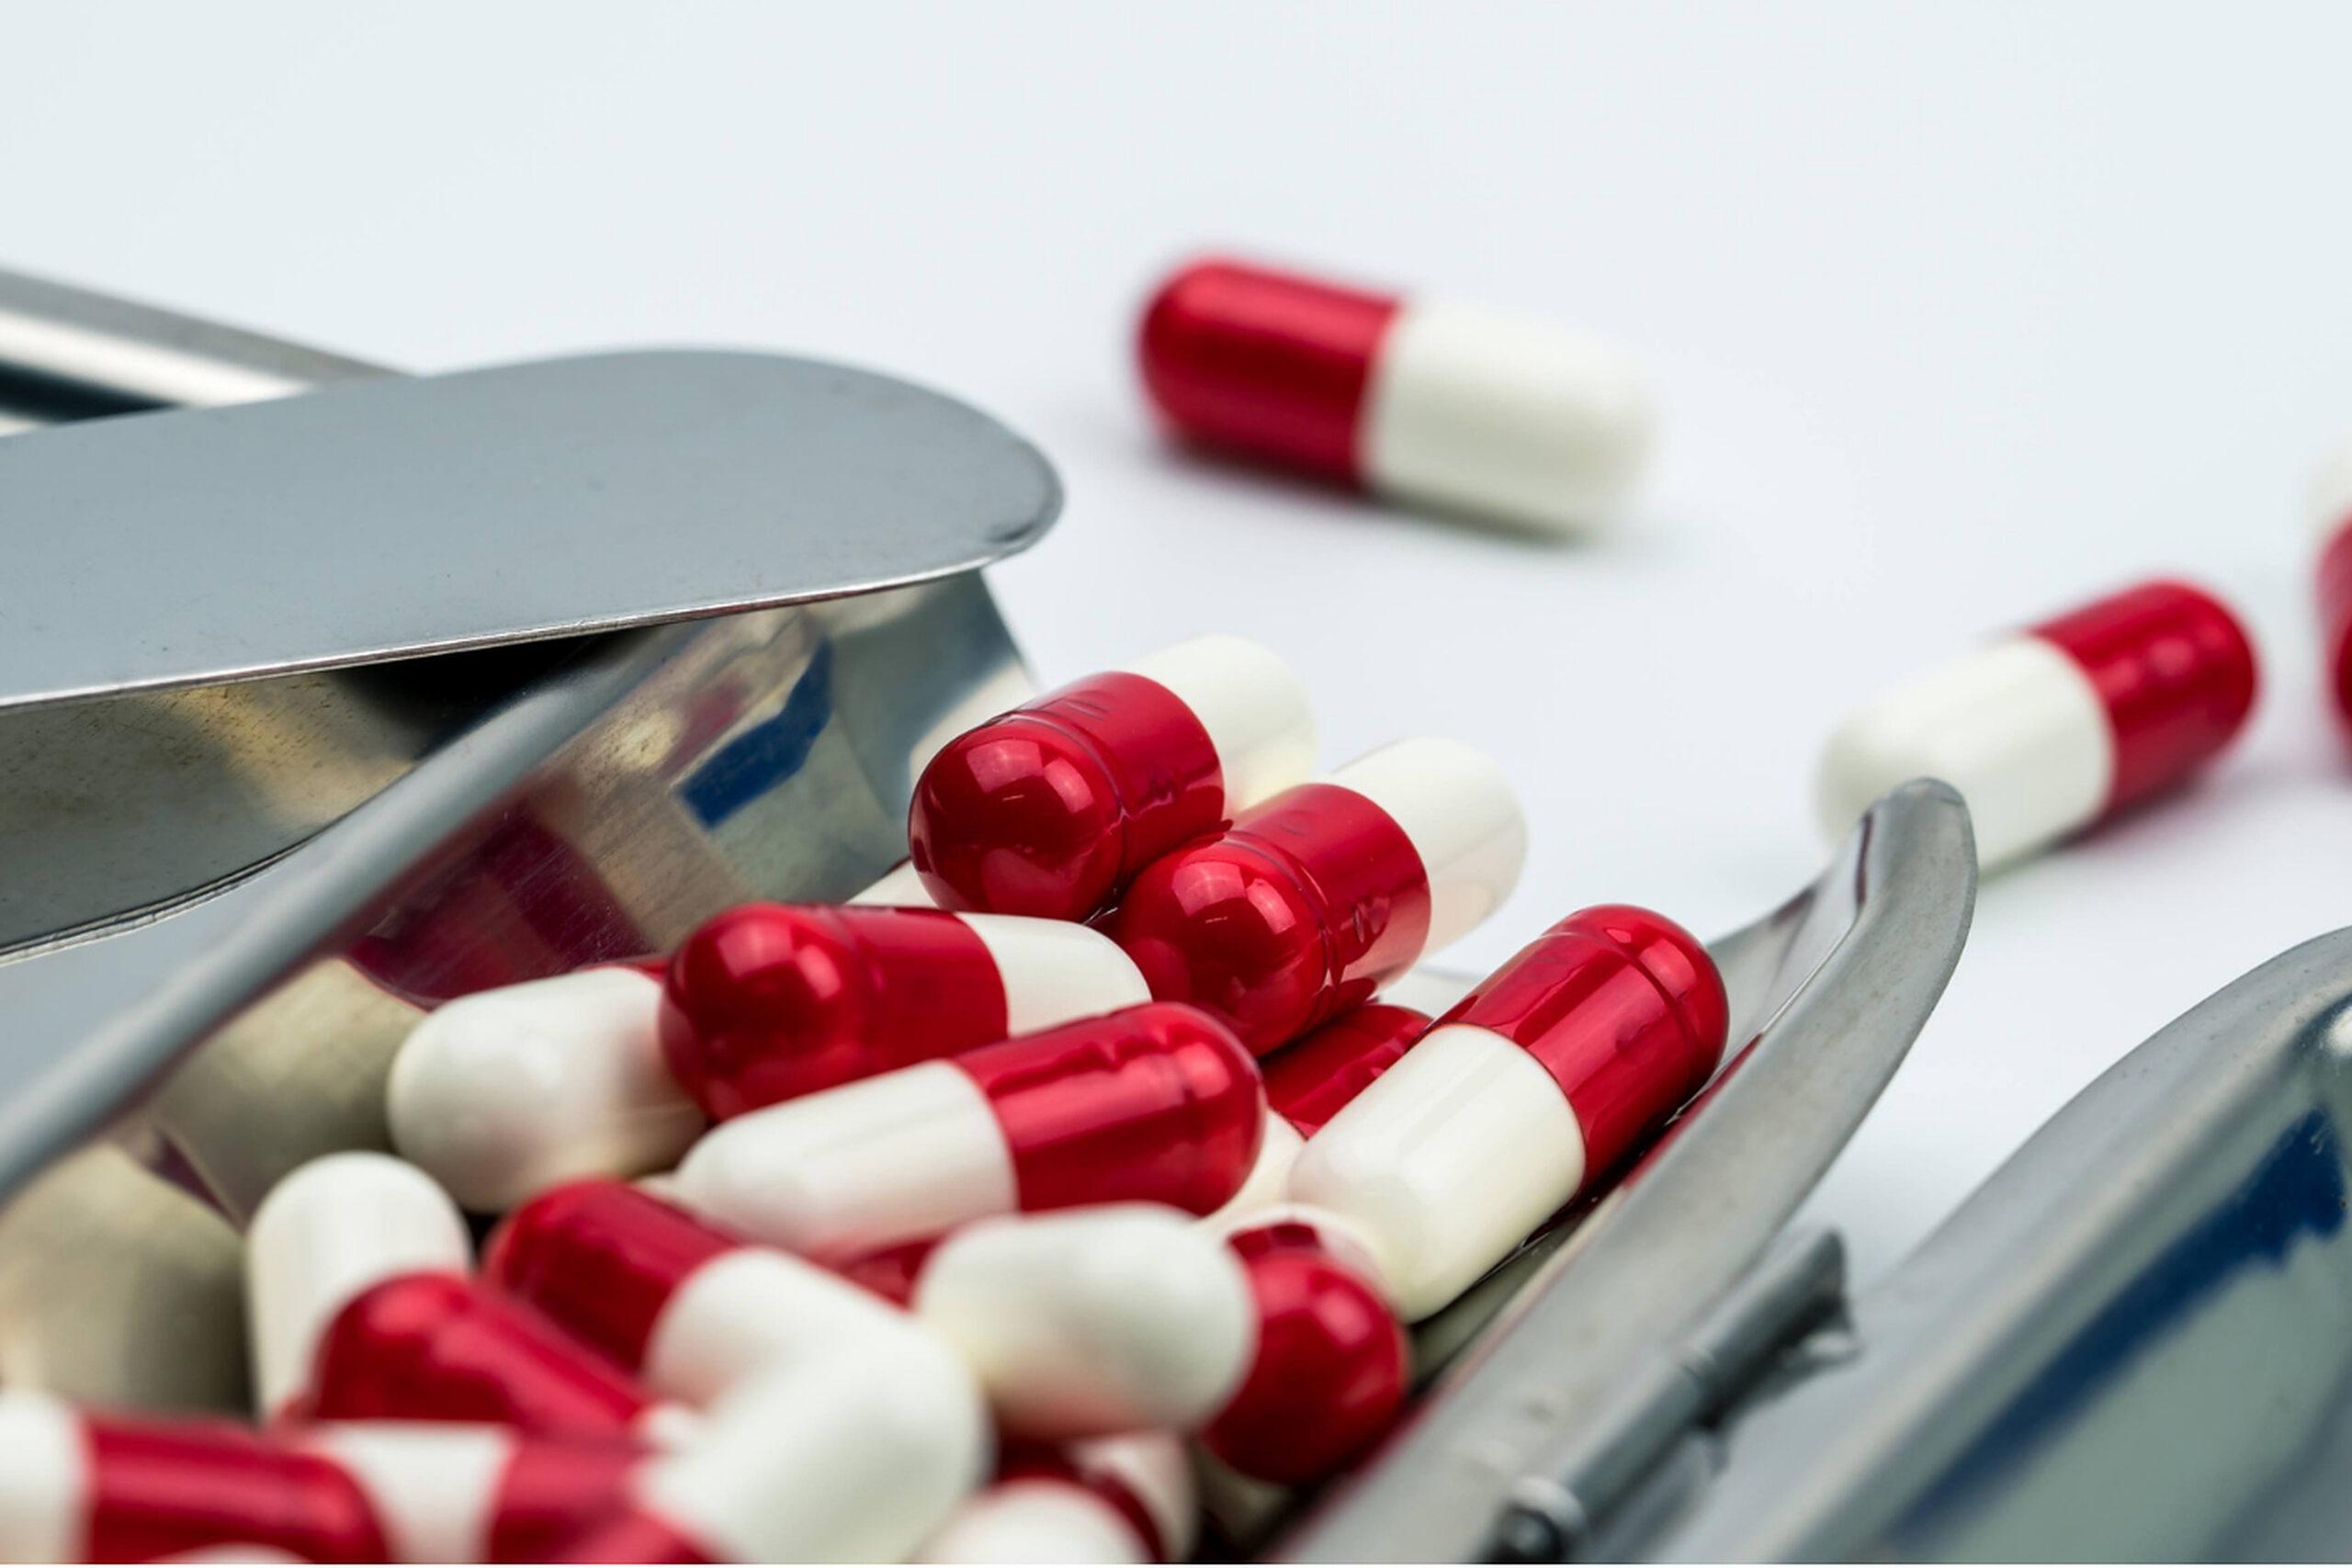 Legătura dintre abuzul de antibiotice și cancerul de colon. Studiu